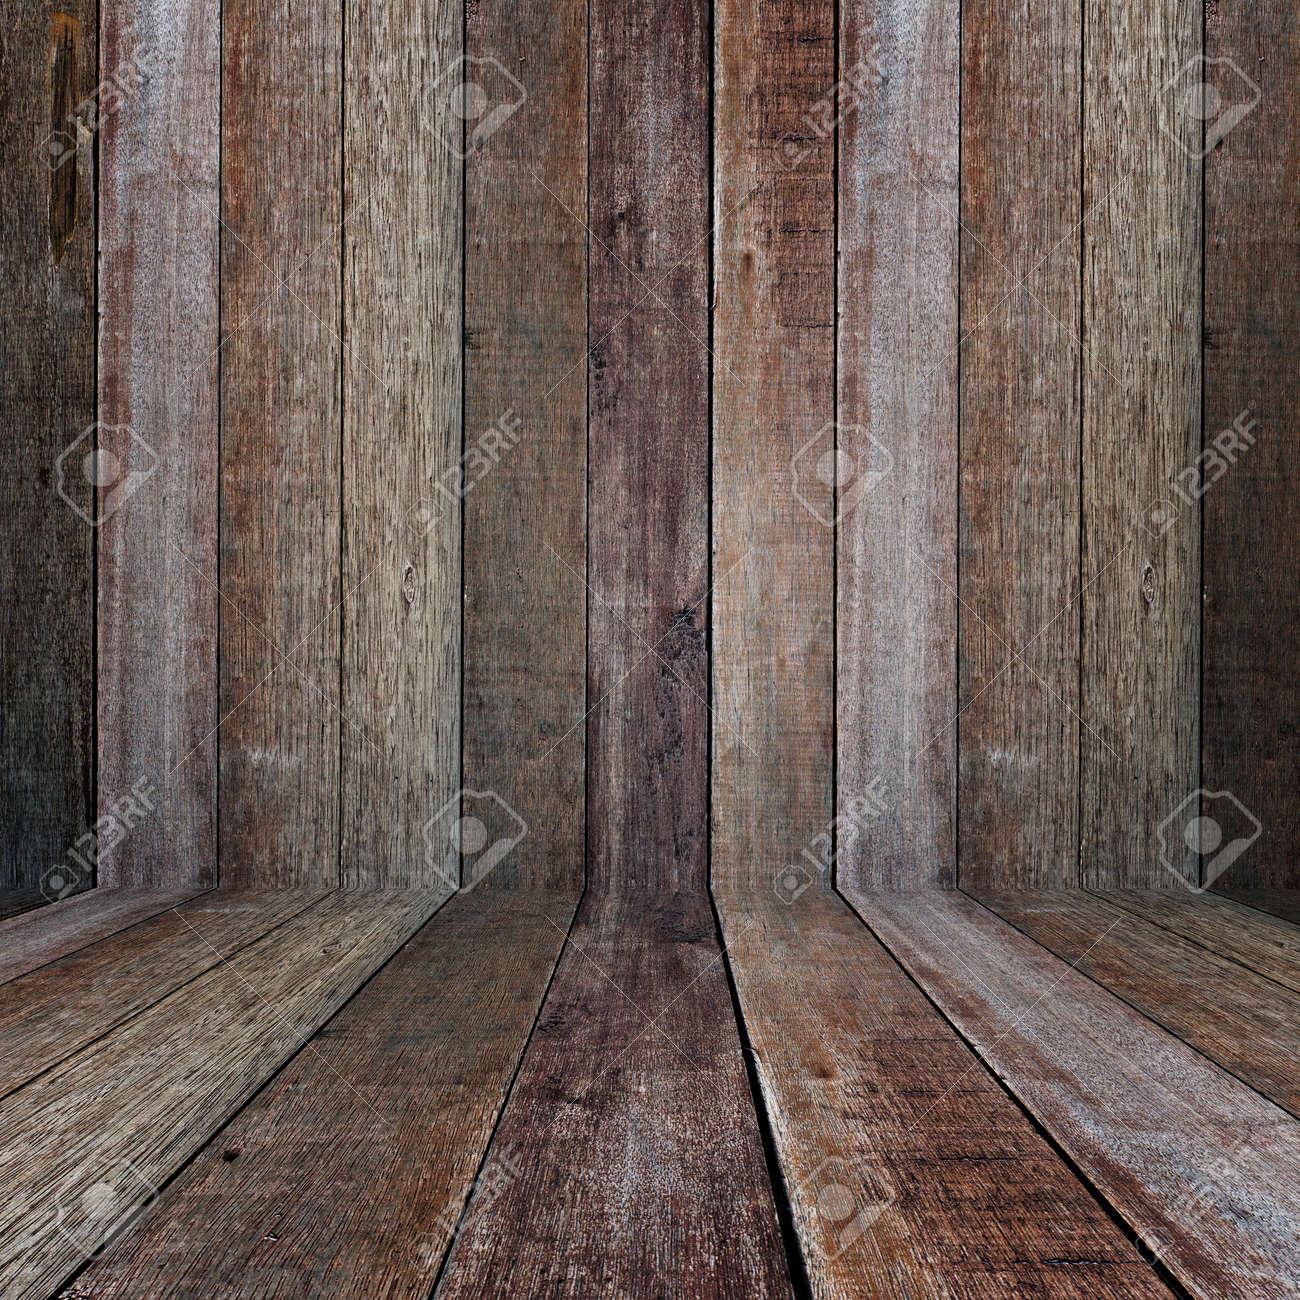 Interior vintage wood room Stock Photo - 16357388